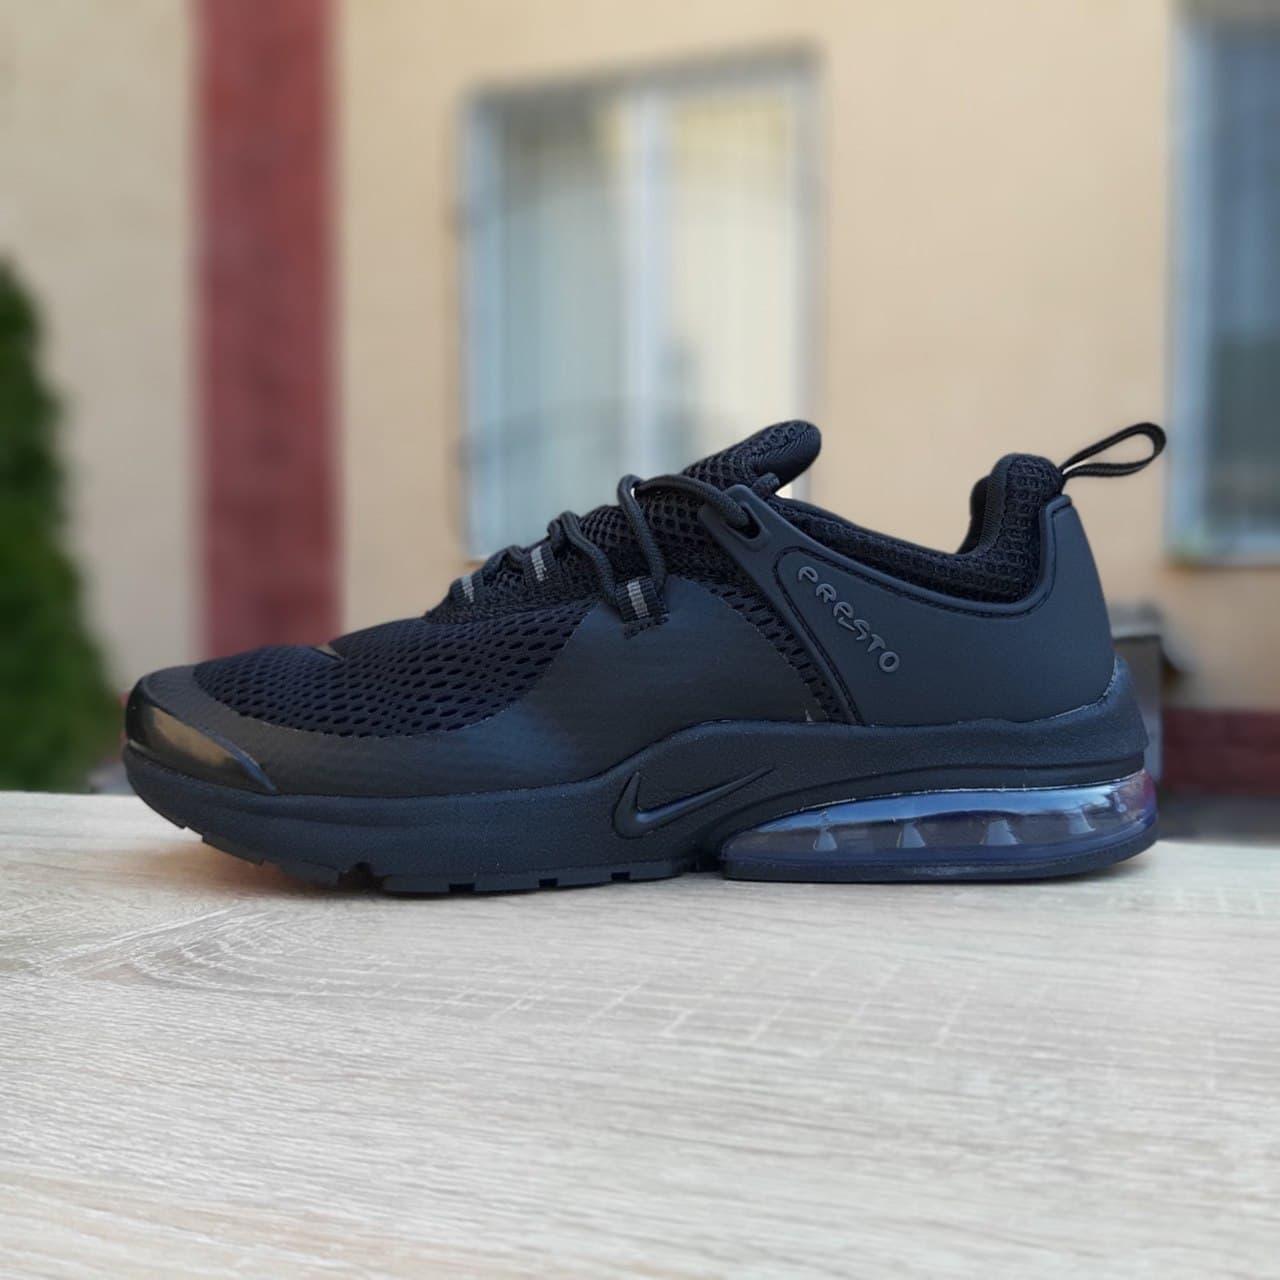 Чоловічі кросівки Nike Air Presto (чорні) якісні стильні кроси О10065